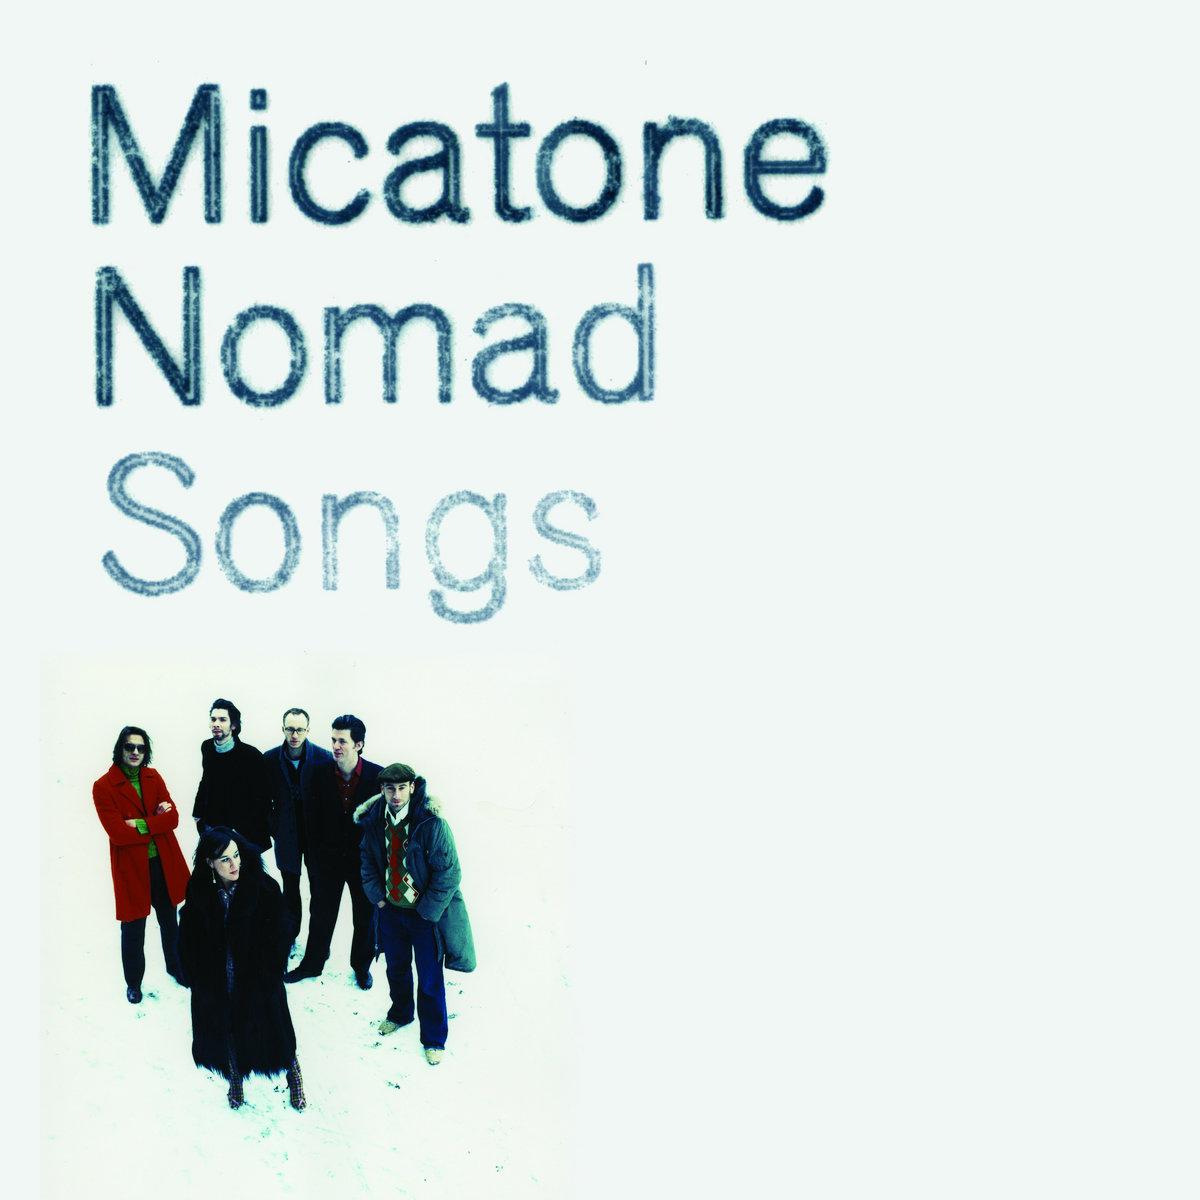 Resultado de imagen de micatone nomad songs